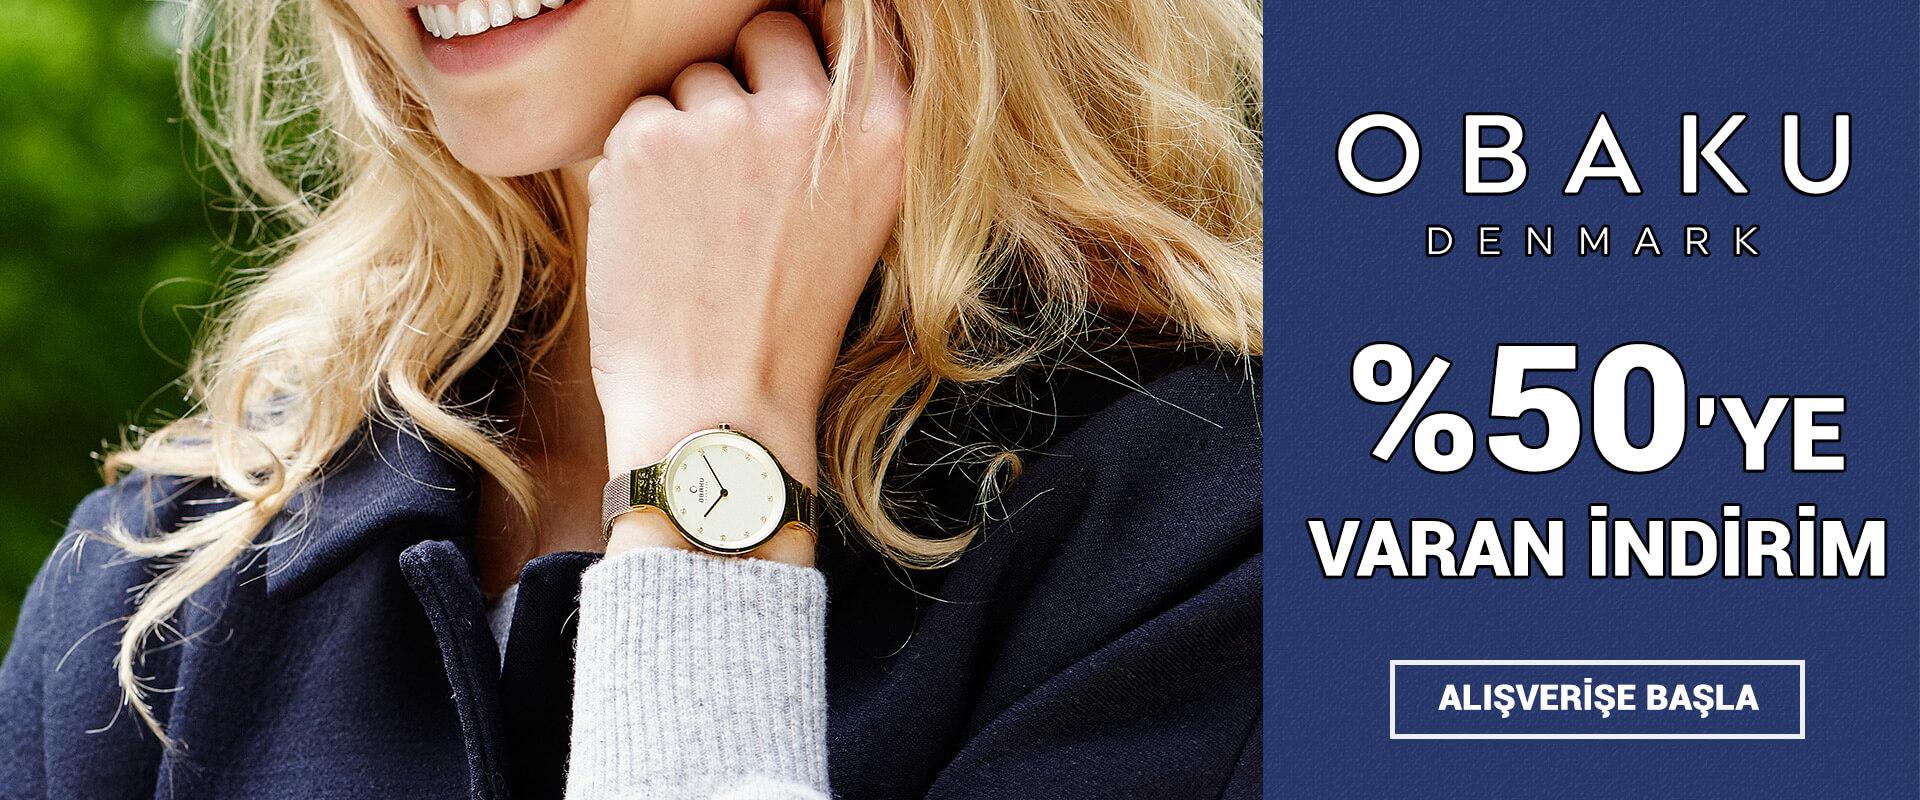 Obaku Denmark Saat Modelleri %50'ye Varan İndirim